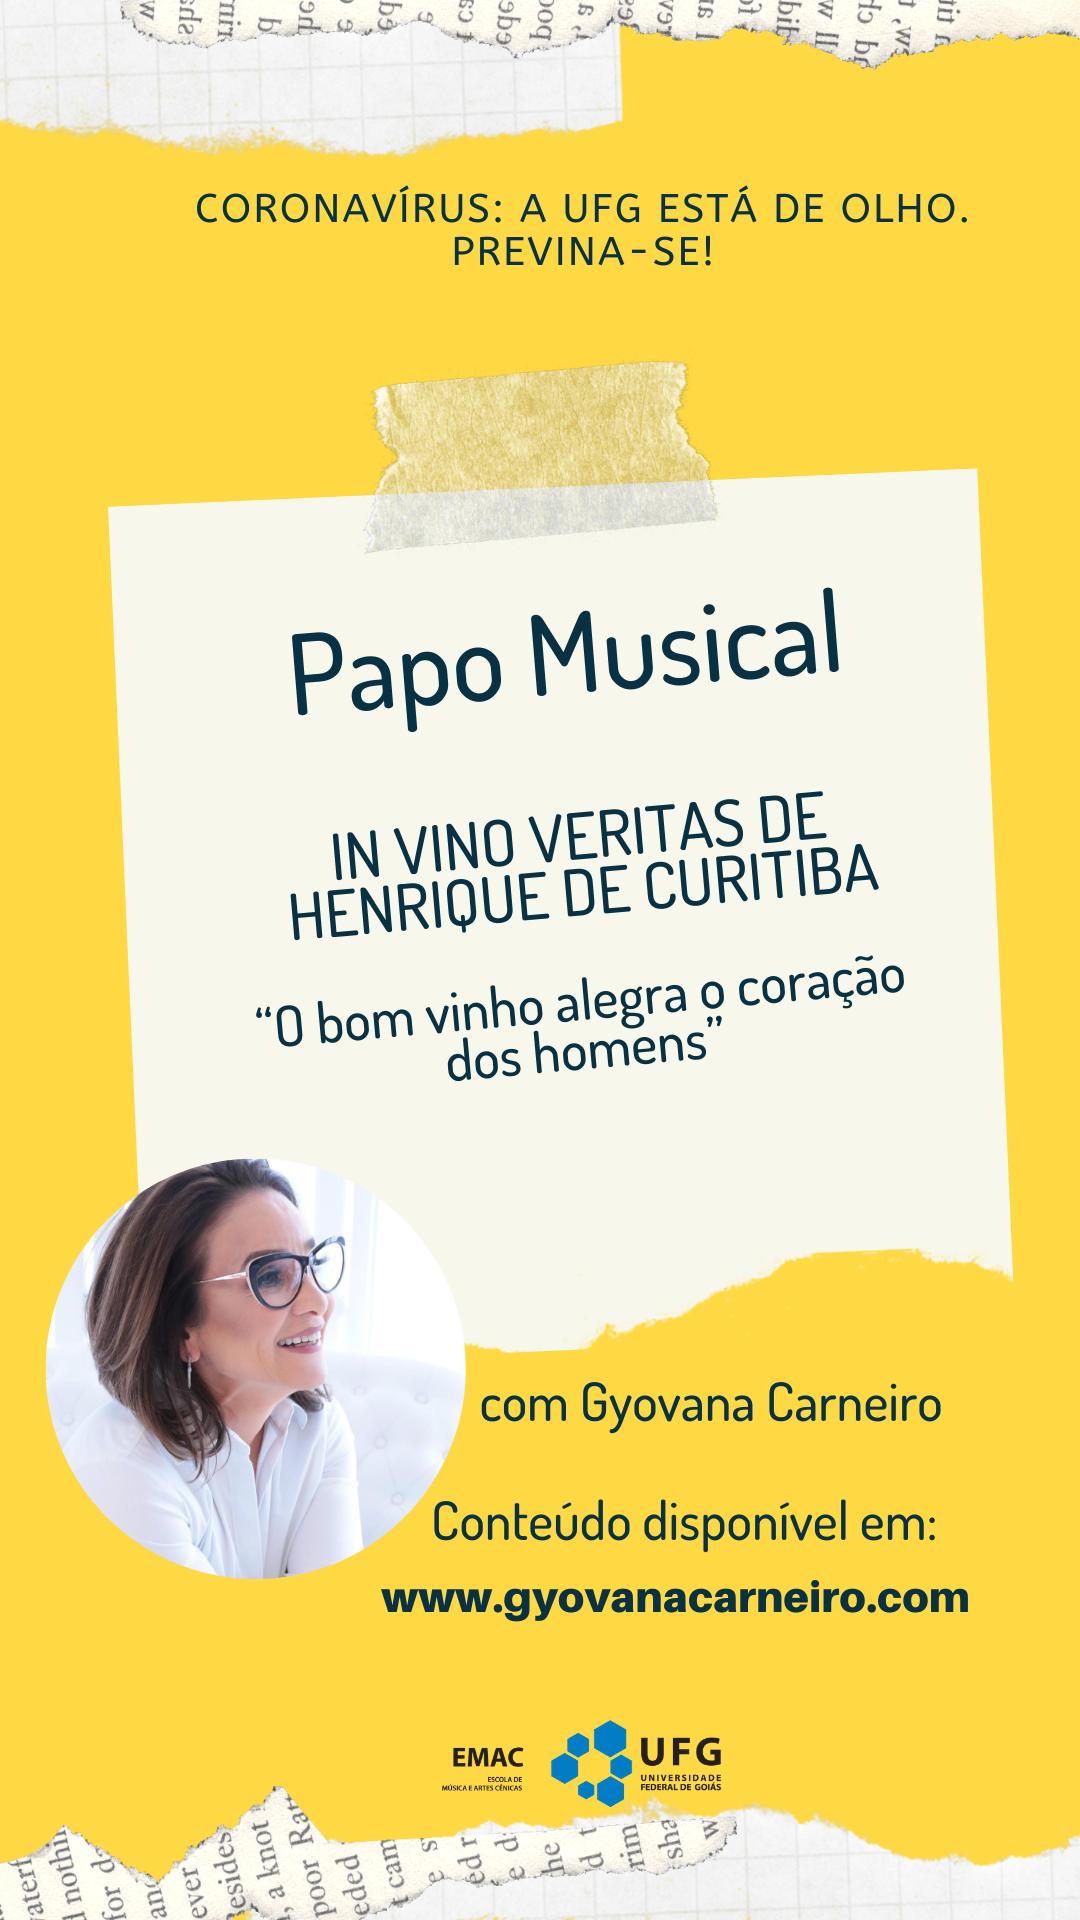 gyovana henrique de curitiba 10.08.20